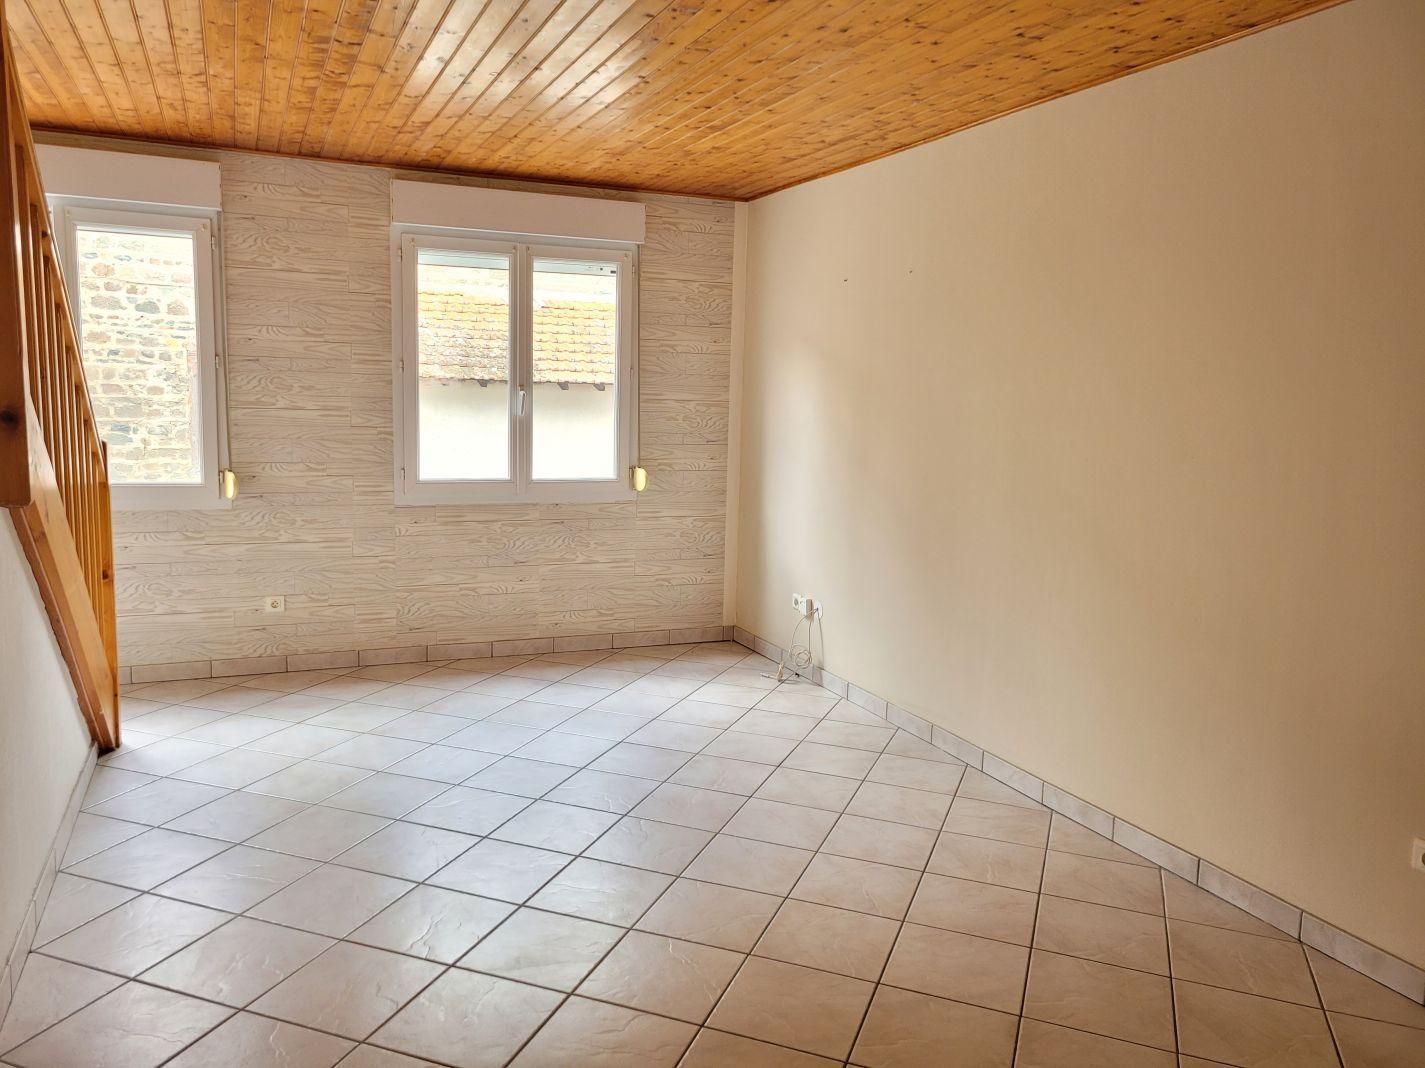 Location Maison 3 pièces BRULLIOLES 69690